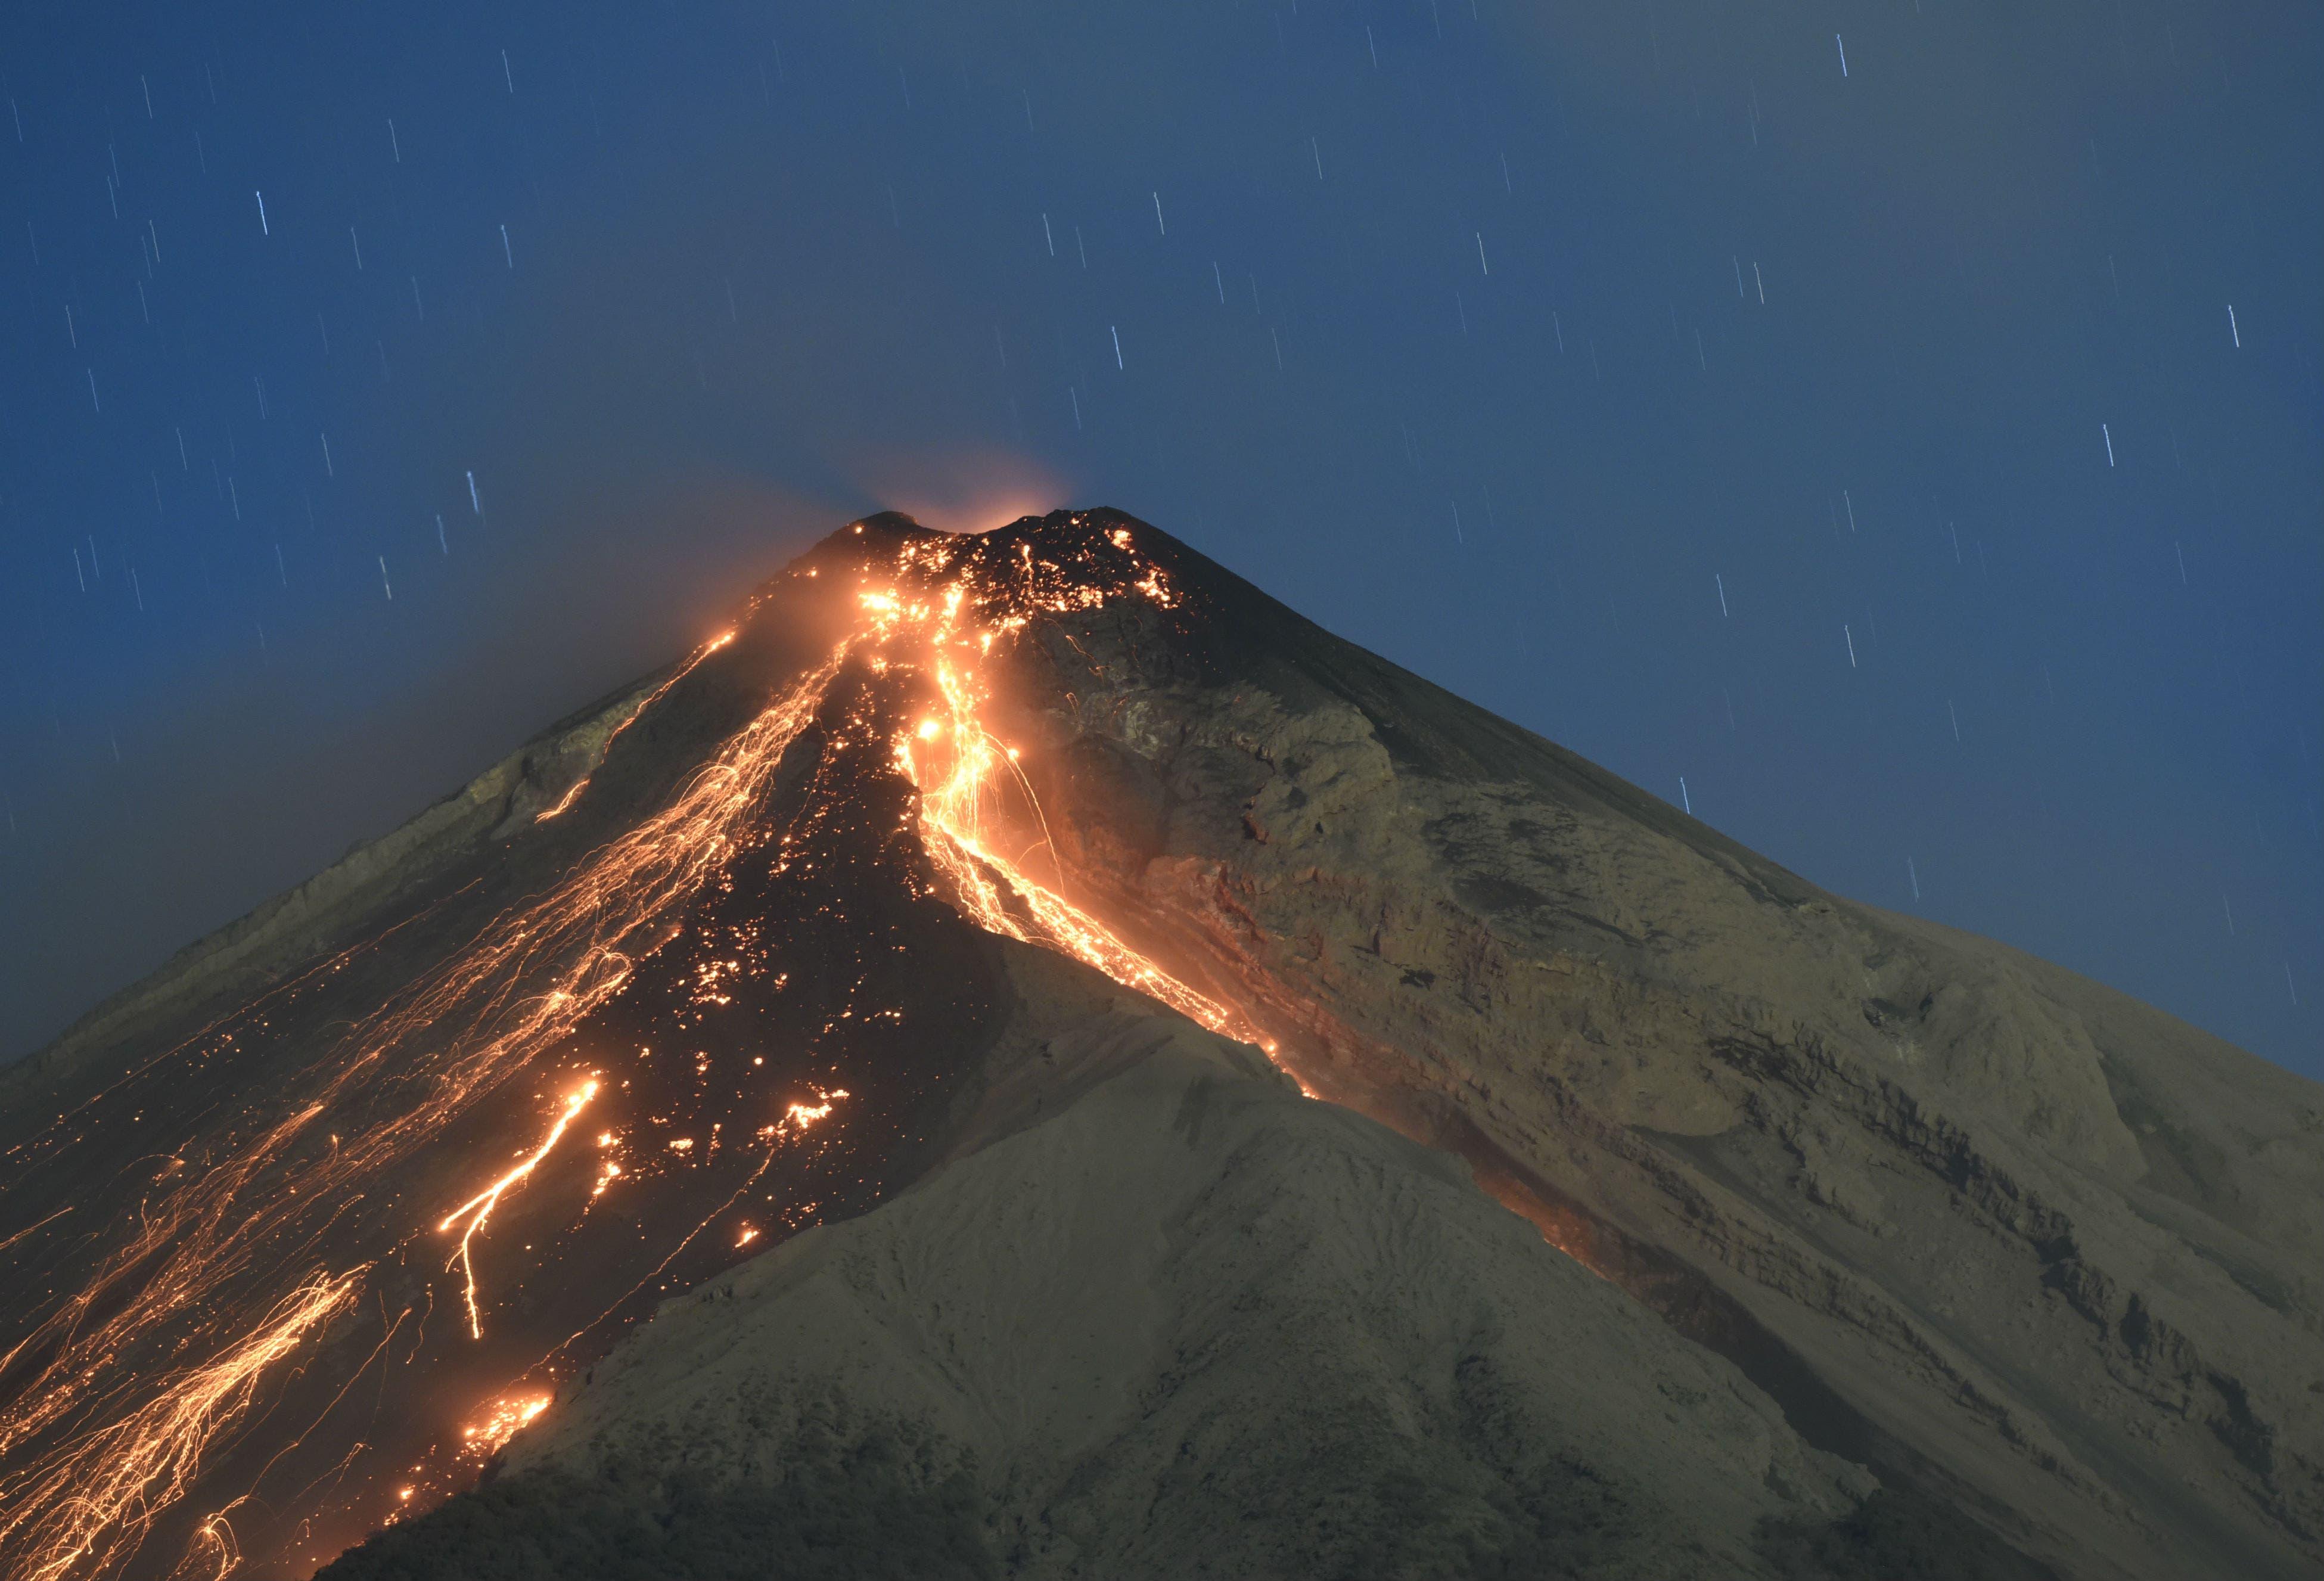 Volcán de Fuego de Guatemala aumentó su actividad explosiva